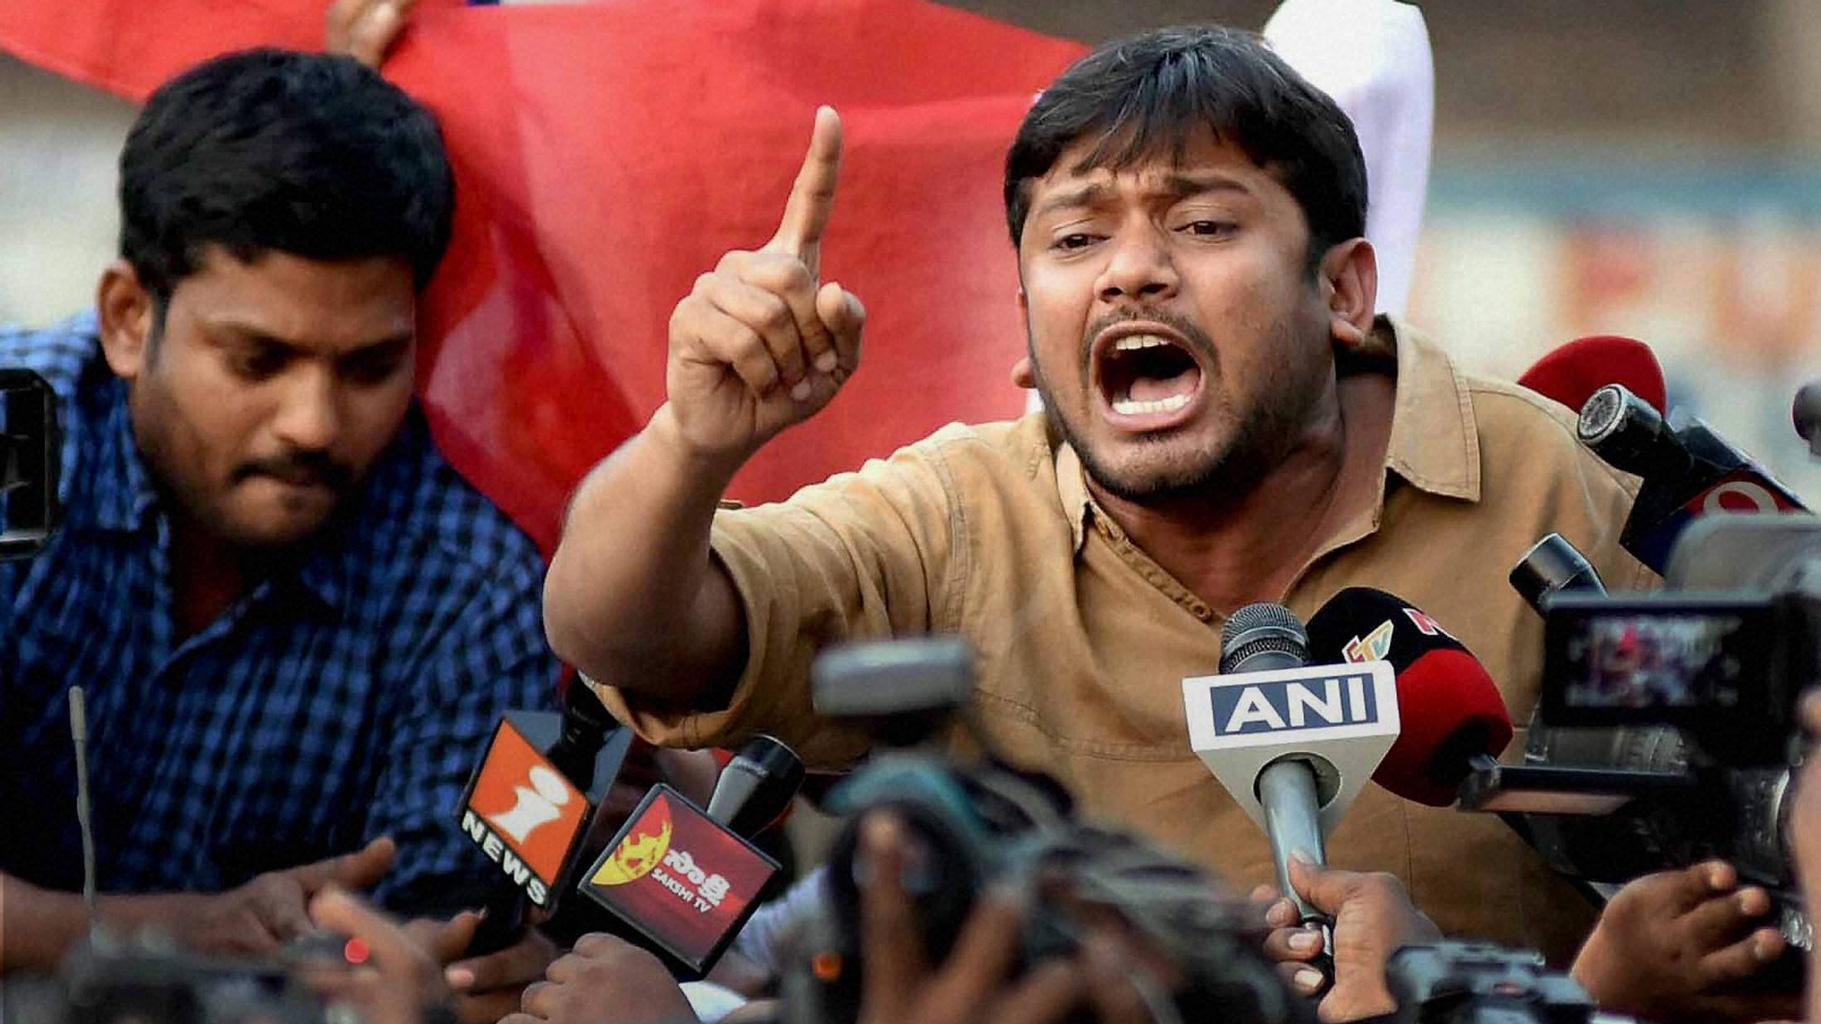 Karnataka Varsity Cancels Kanhaiya's Speech on 'Orders' From Govt